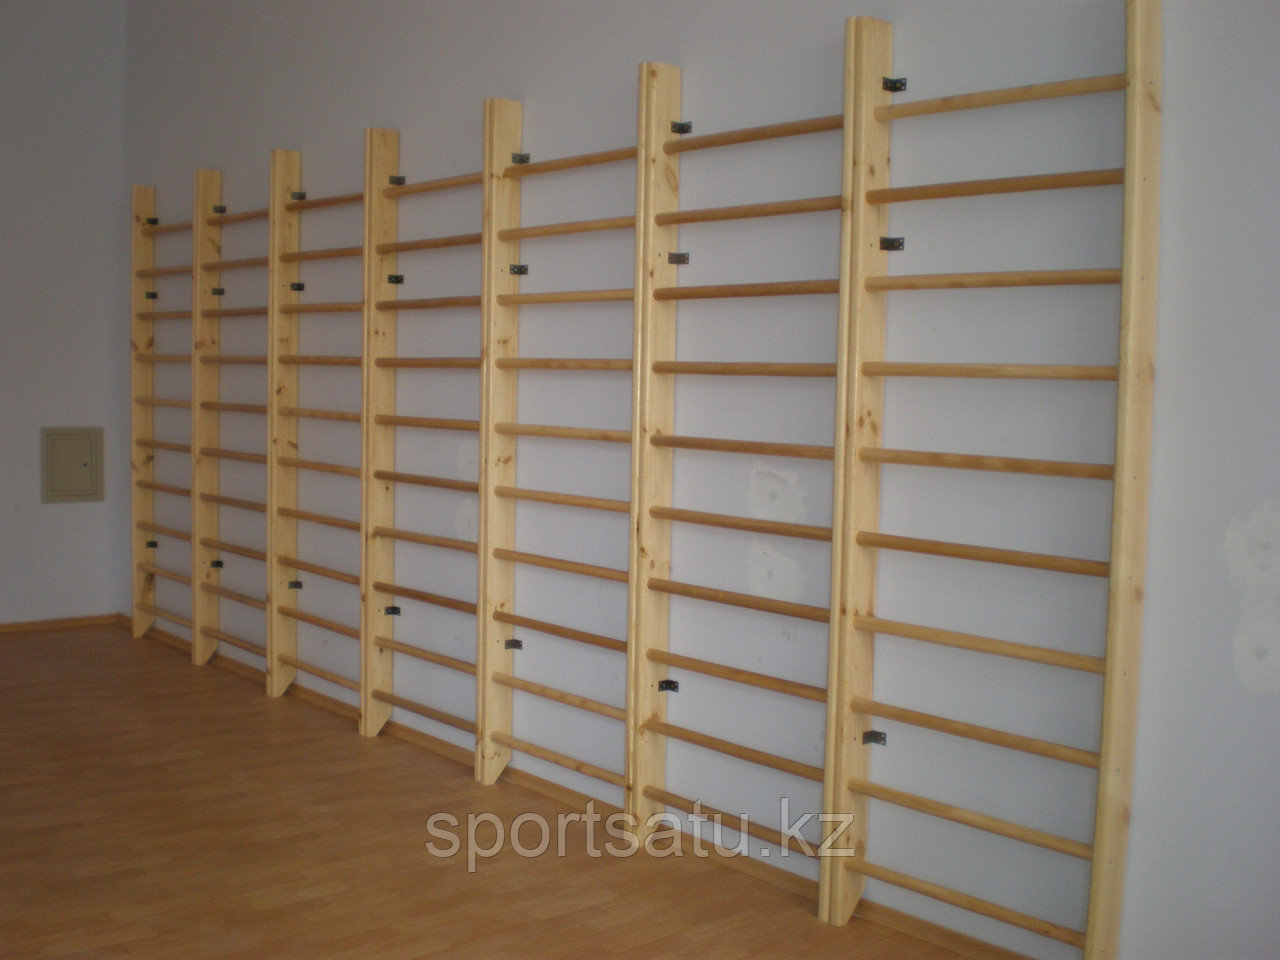 Шведская стенка деревянная эконом - фото 1